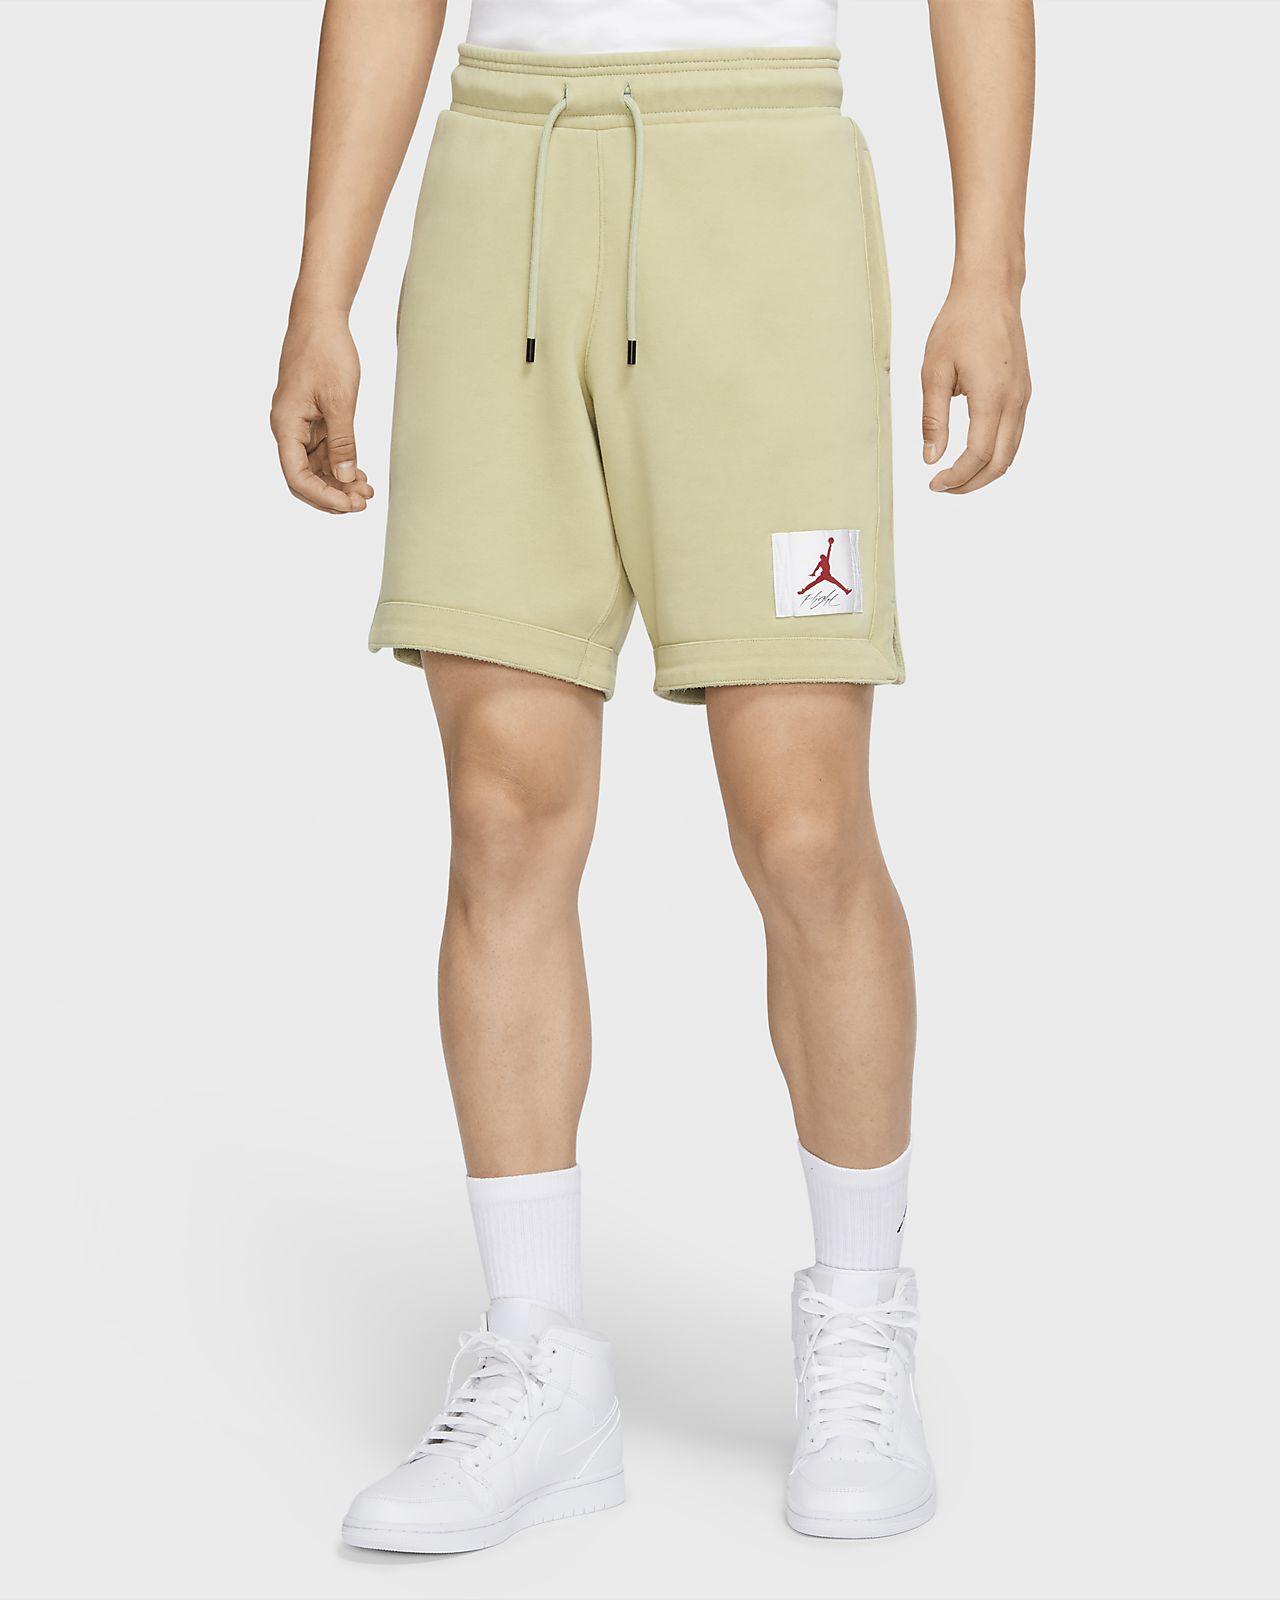 Jordan Flight 男子短裤